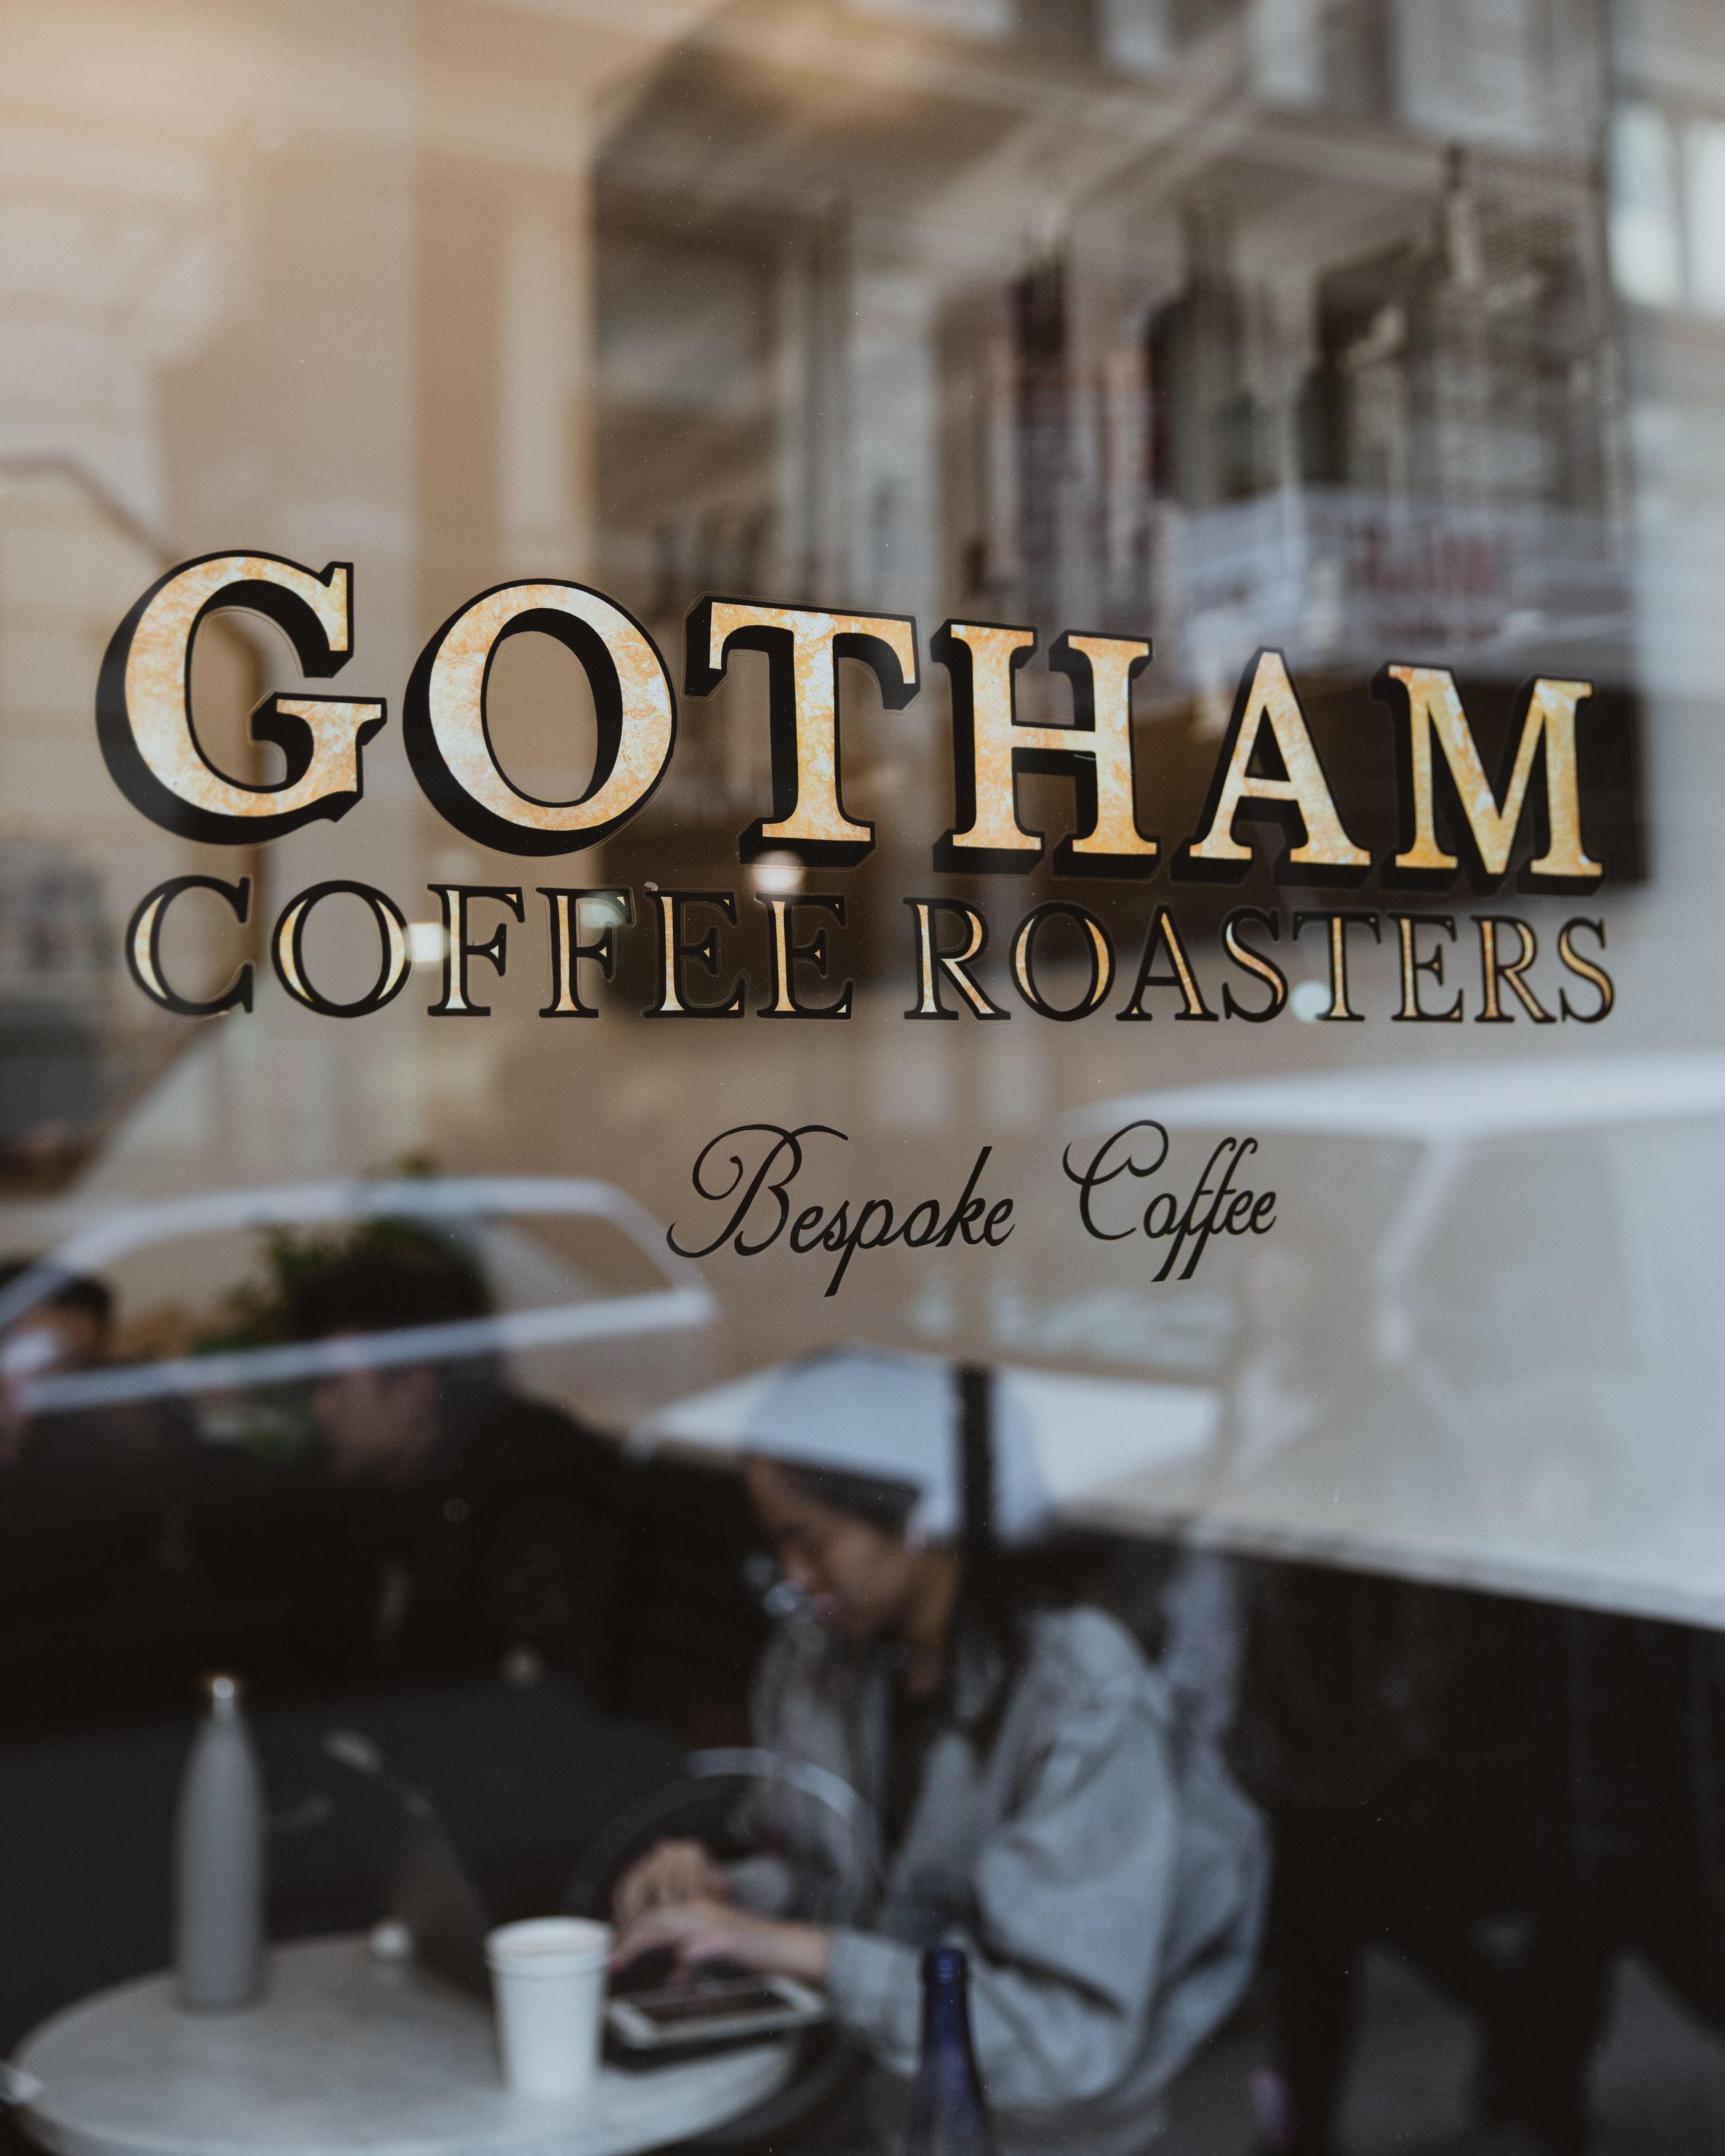 011319_Gotham-coffee-00020.jpg